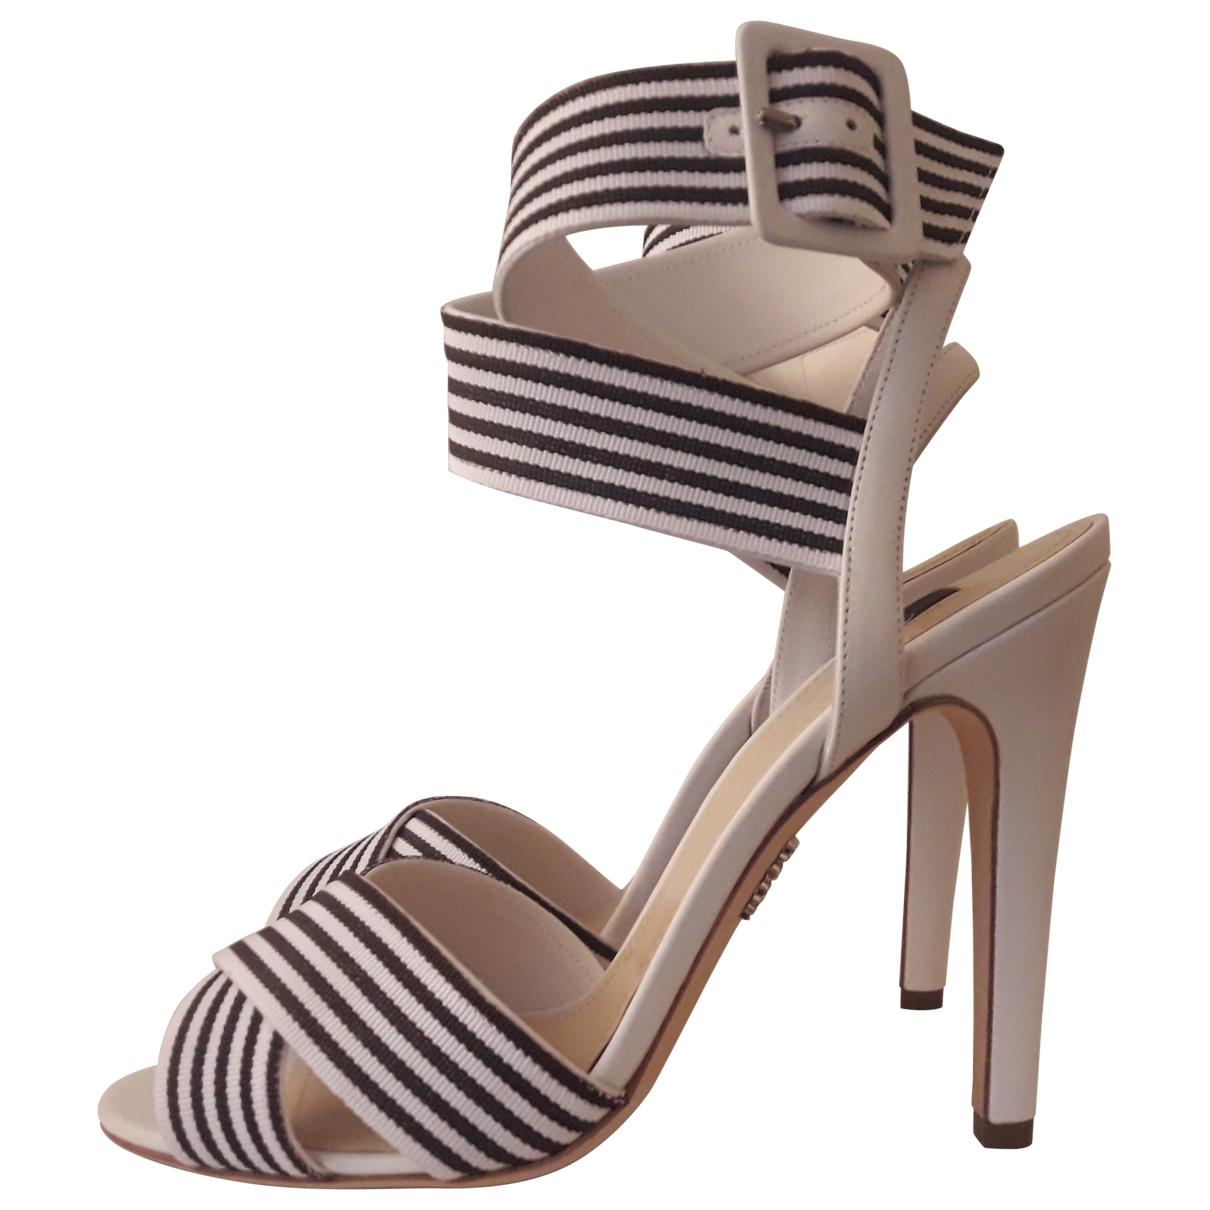 Rodo - Sandales   pour femme en cuir - blanc